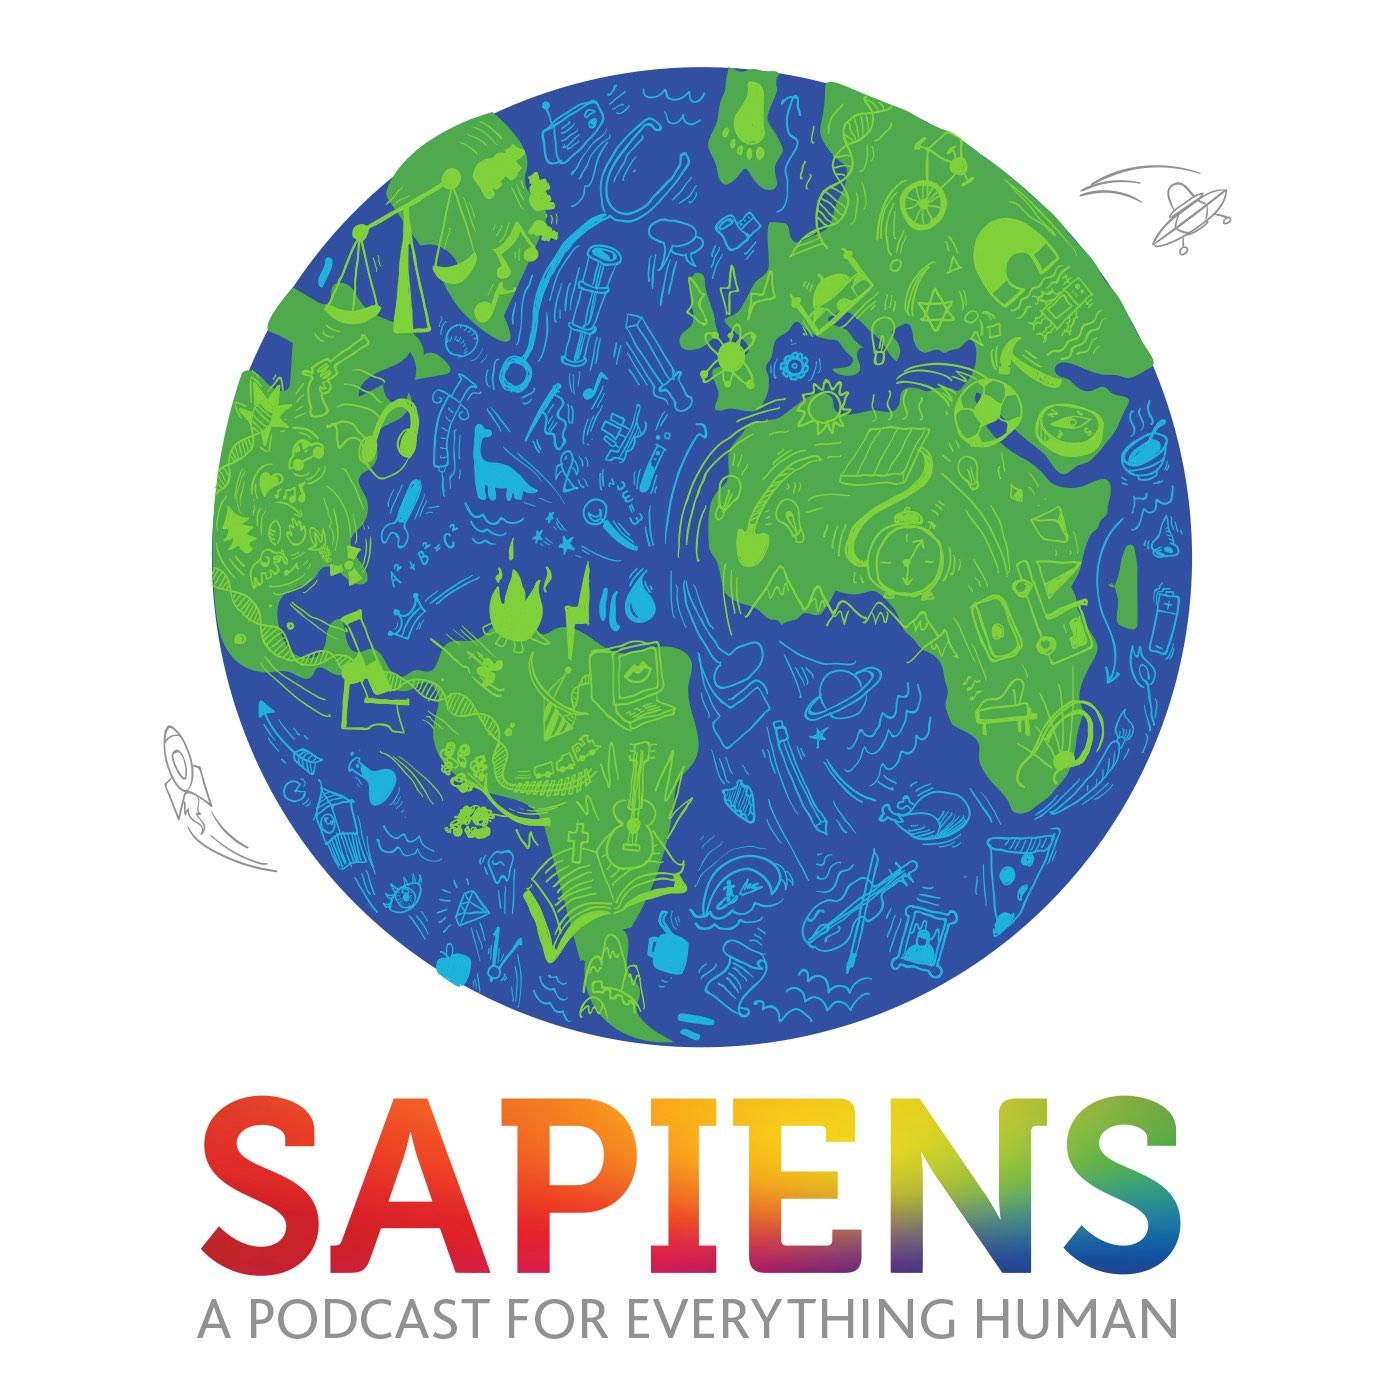 SapiensAlbumCoverWork3_Sm.jpg